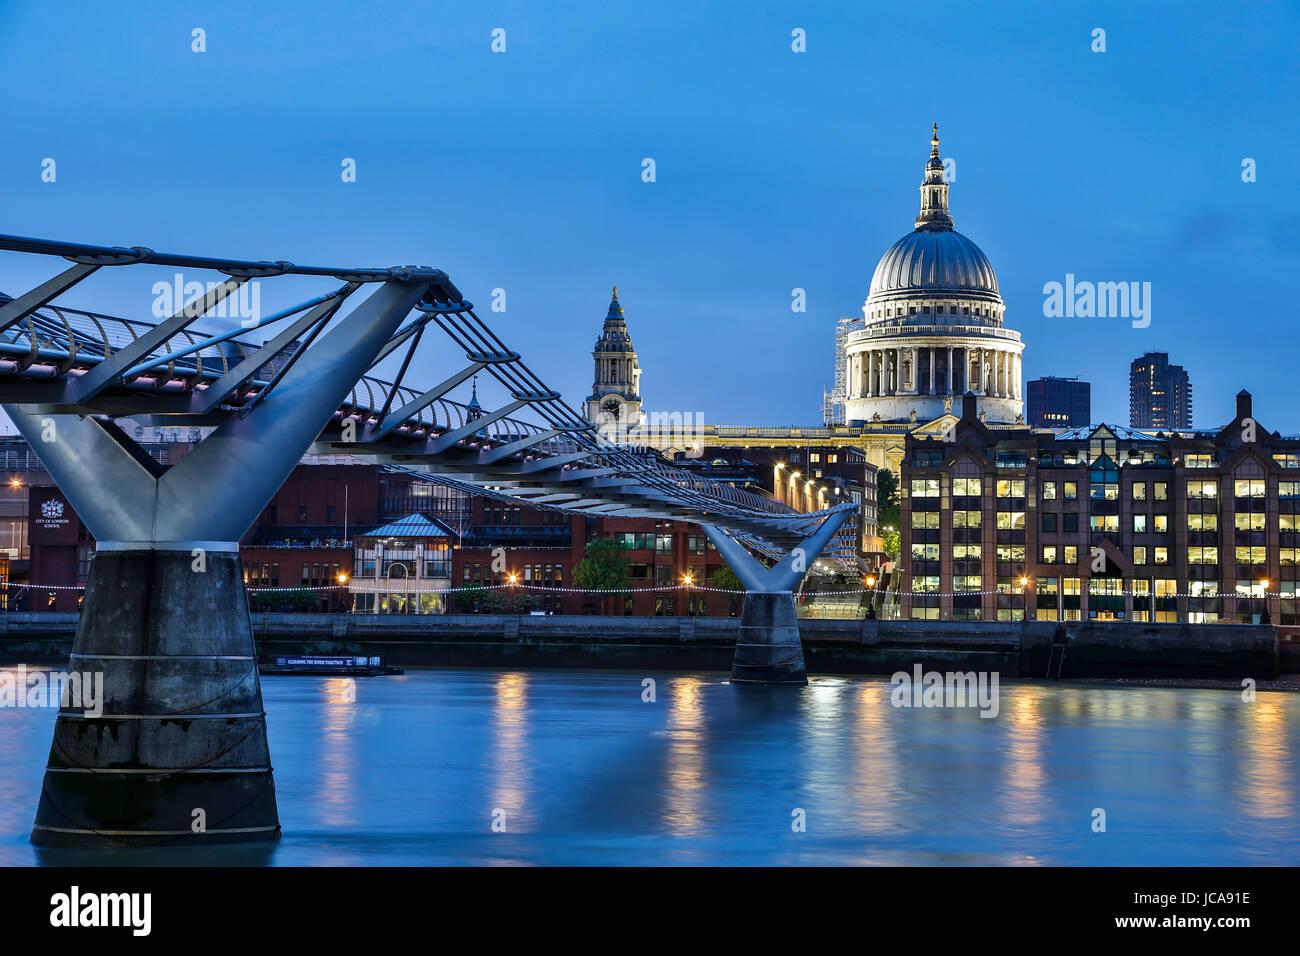 Cattedrale di San Paolo, il Millenium Bridge e il fiume Tamigi, London, England, Regno Unito Immagini Stock